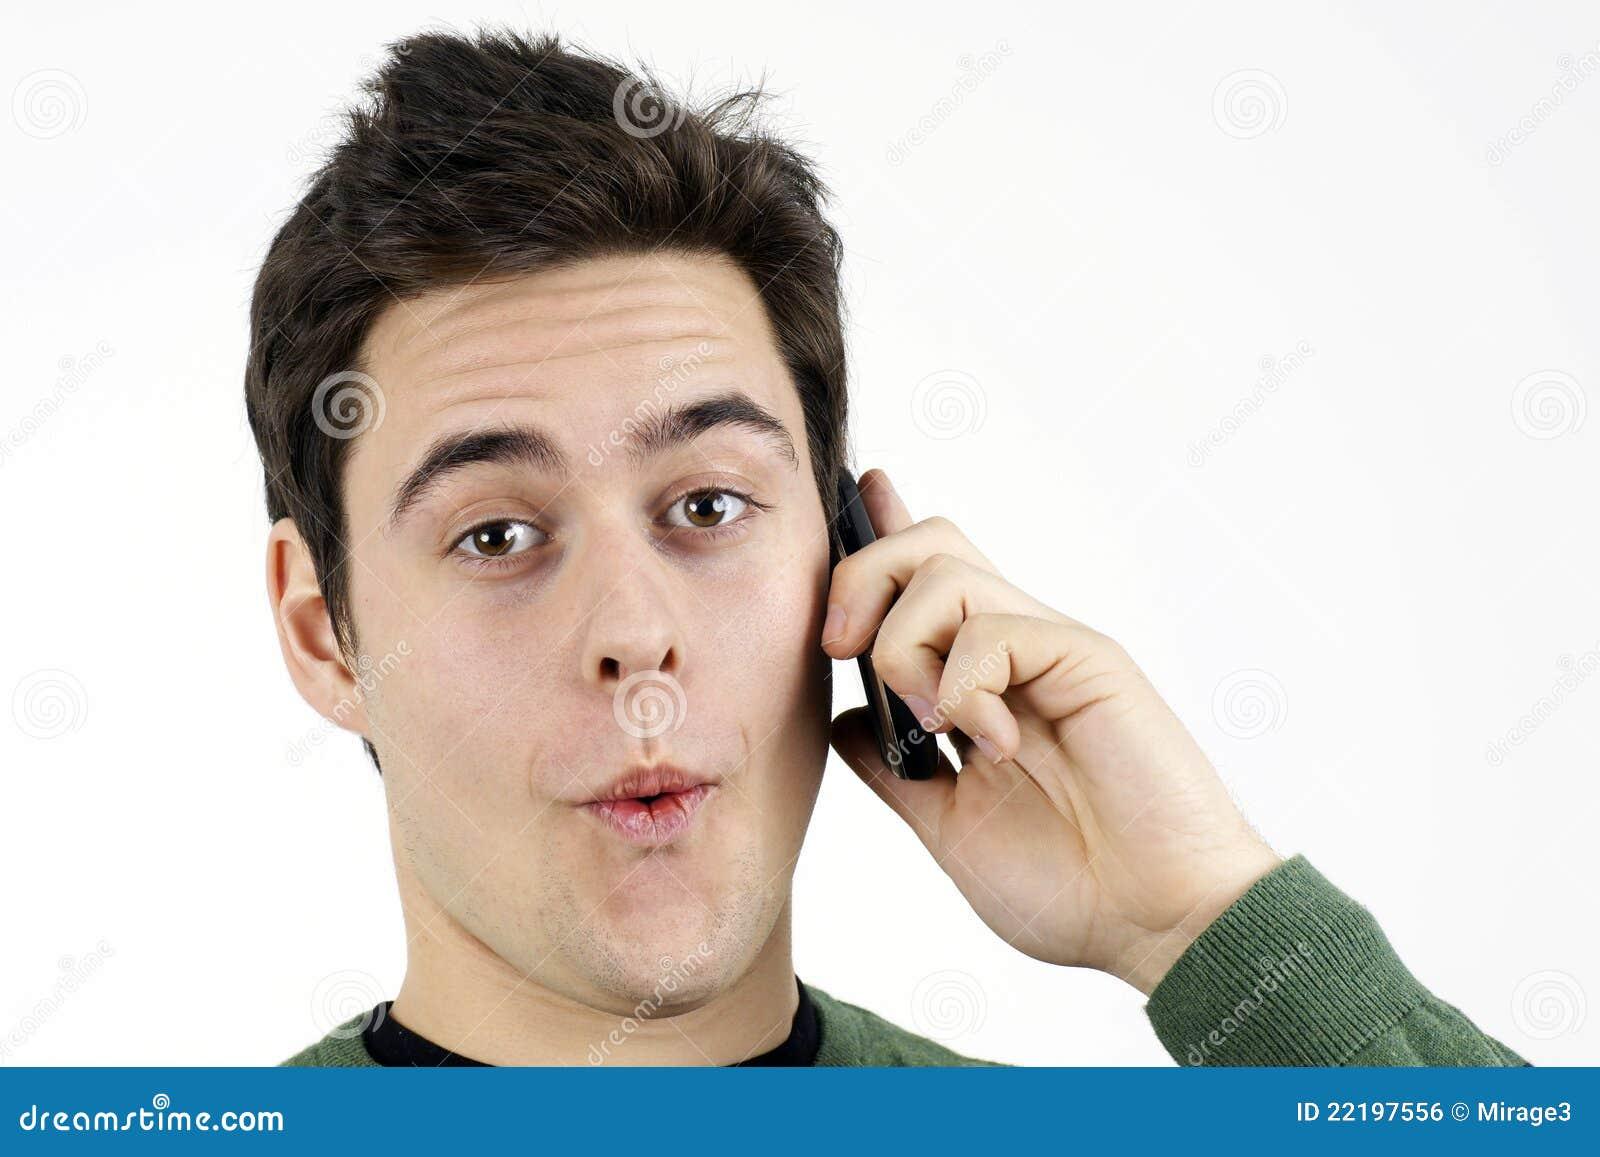 hombre telefono: